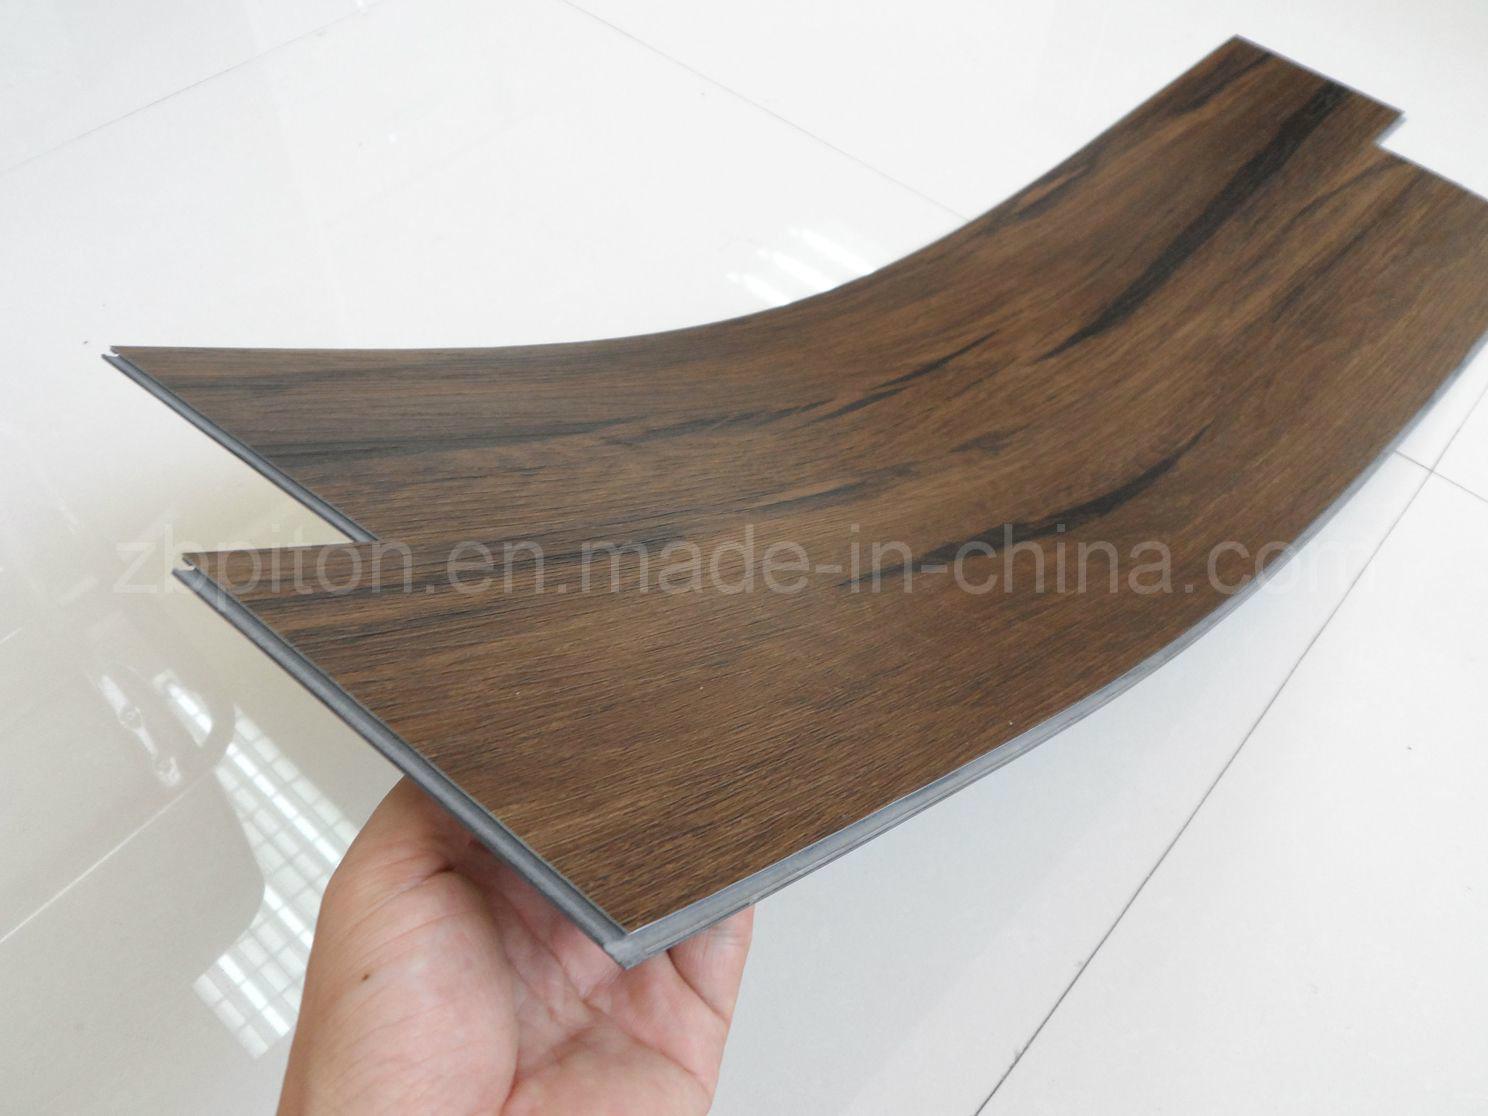 3.2mm Vinyl Plank Flooring Click System